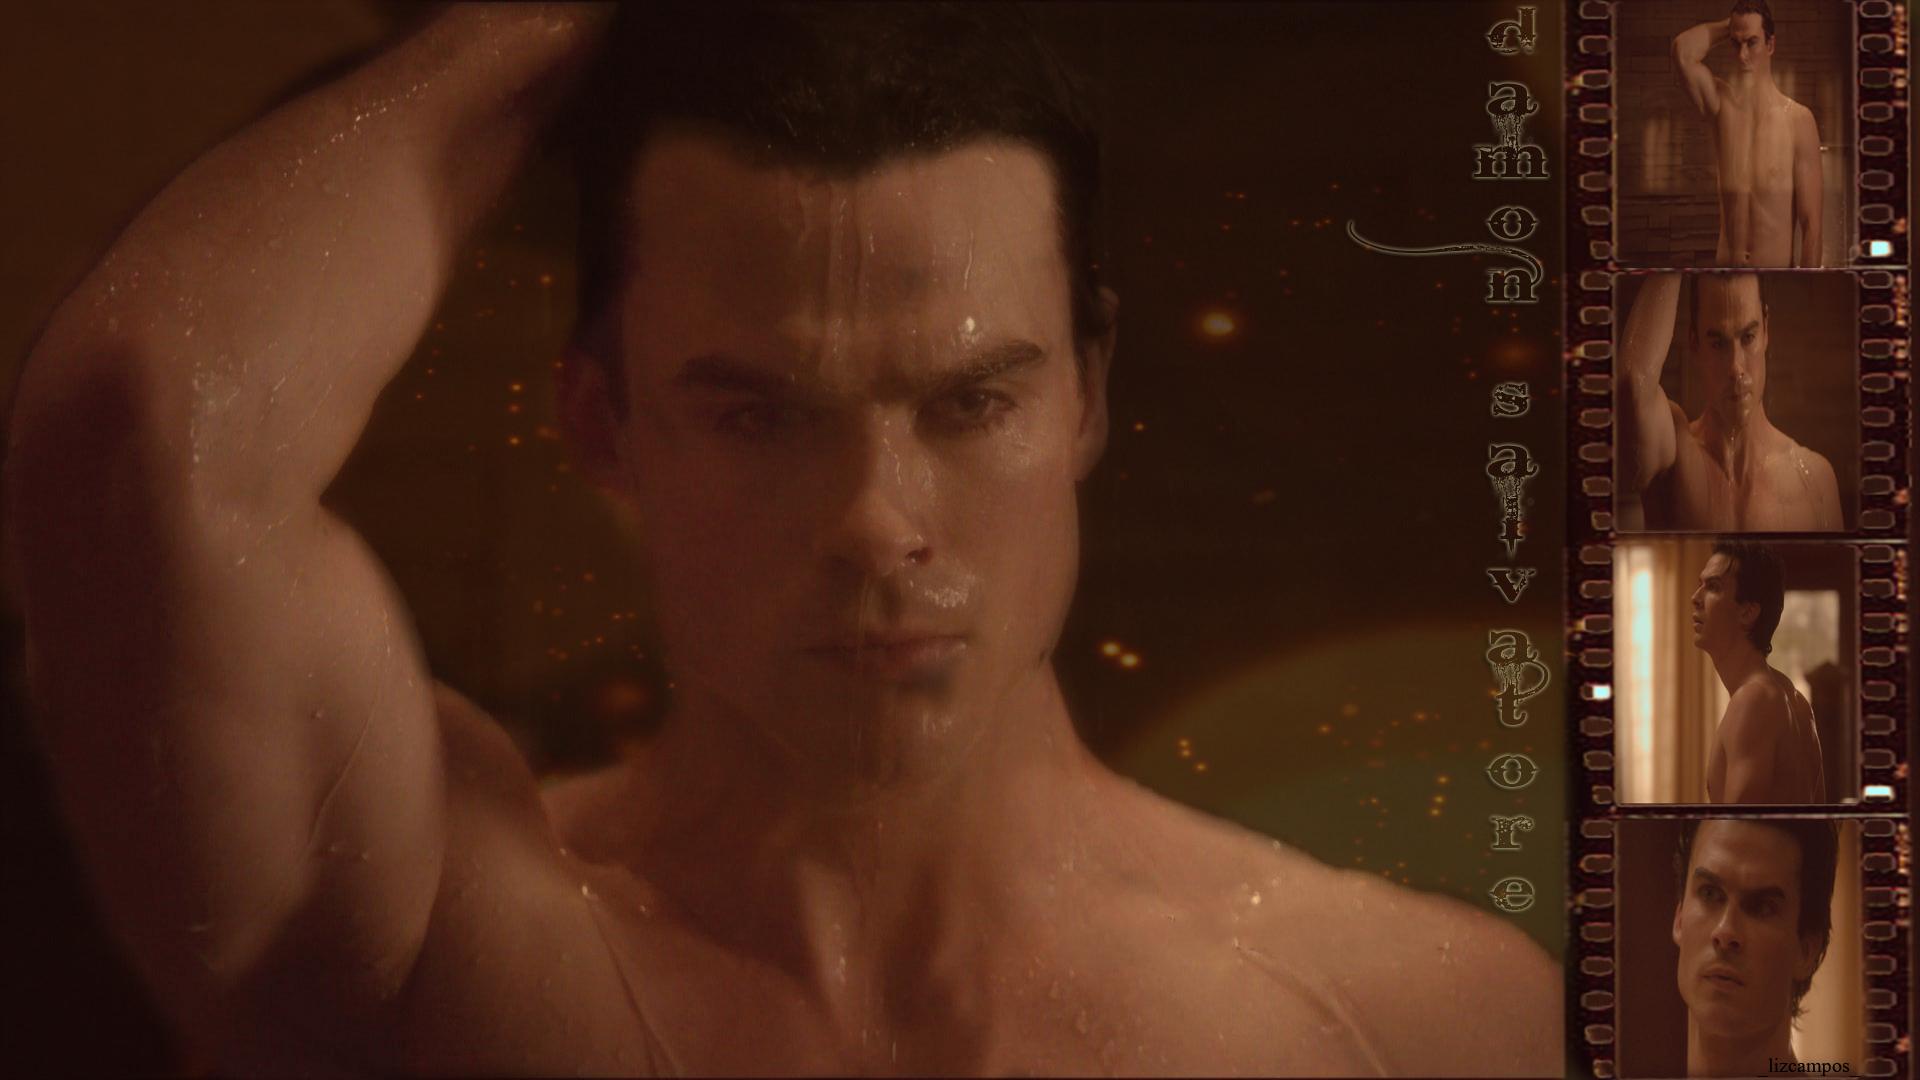 Damon Salvatore   The Vampire Diaries Wallpaper 19034378 1920x1080